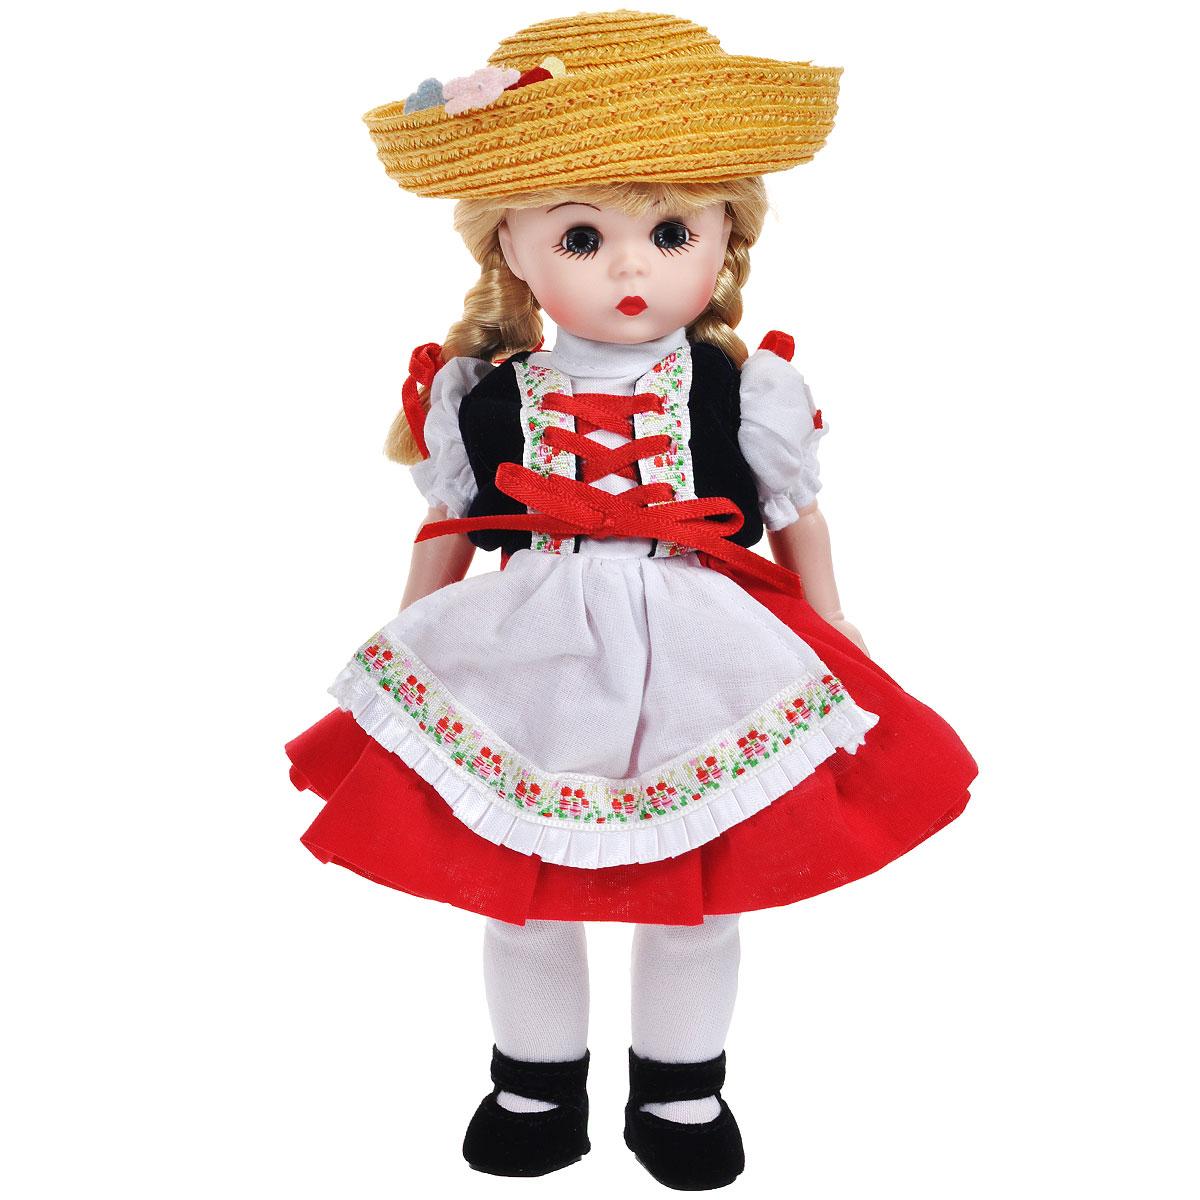 Madame Alexander Кукла Хейди64555Кукла Madame Alexander Хейди станет прекрасным украшением любой коллекции. Хейди - голубоглазая блондинка с двумя косами, перевязанными красными ленточками, одета в костюм в национальном швейцарском стиле, состоящий из белой блузки, жилетки, красной юбочки с белым кружевным подъюбником и белого передника. На ее ножках - белые колготы и черные бархатистые туфельки с ремешками. Соломенная шляпа с загнутыми полями, украшенная цветами, дополняет образ. Реалистичные глазки куклы закрываются, если положить ее на спину.